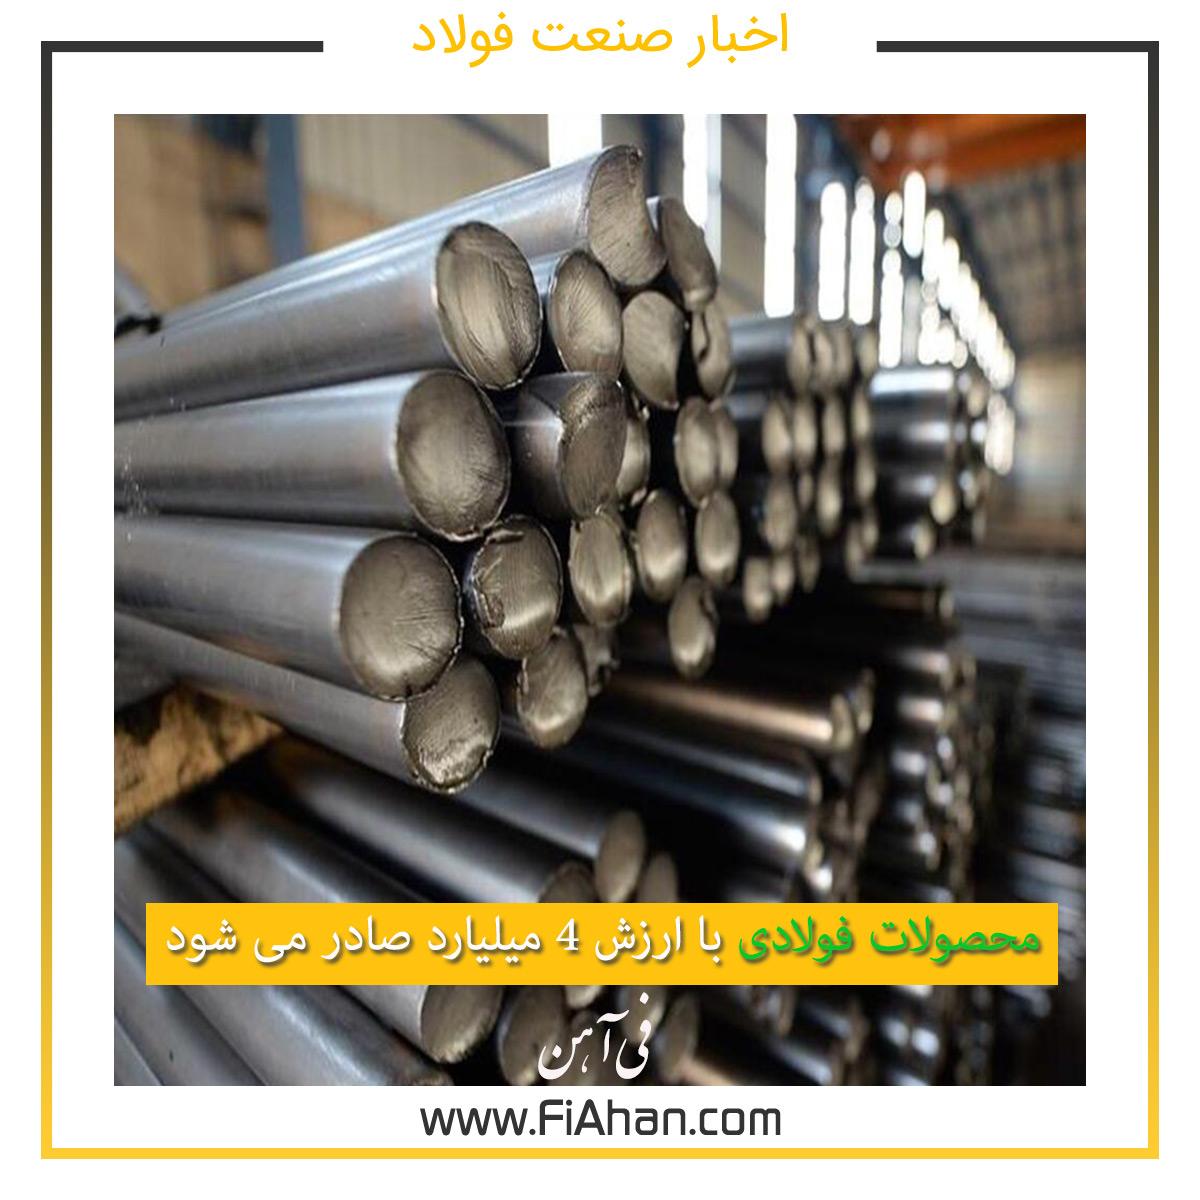 محصولات فولادی با ارزش 4 میلیارد صادر می شود